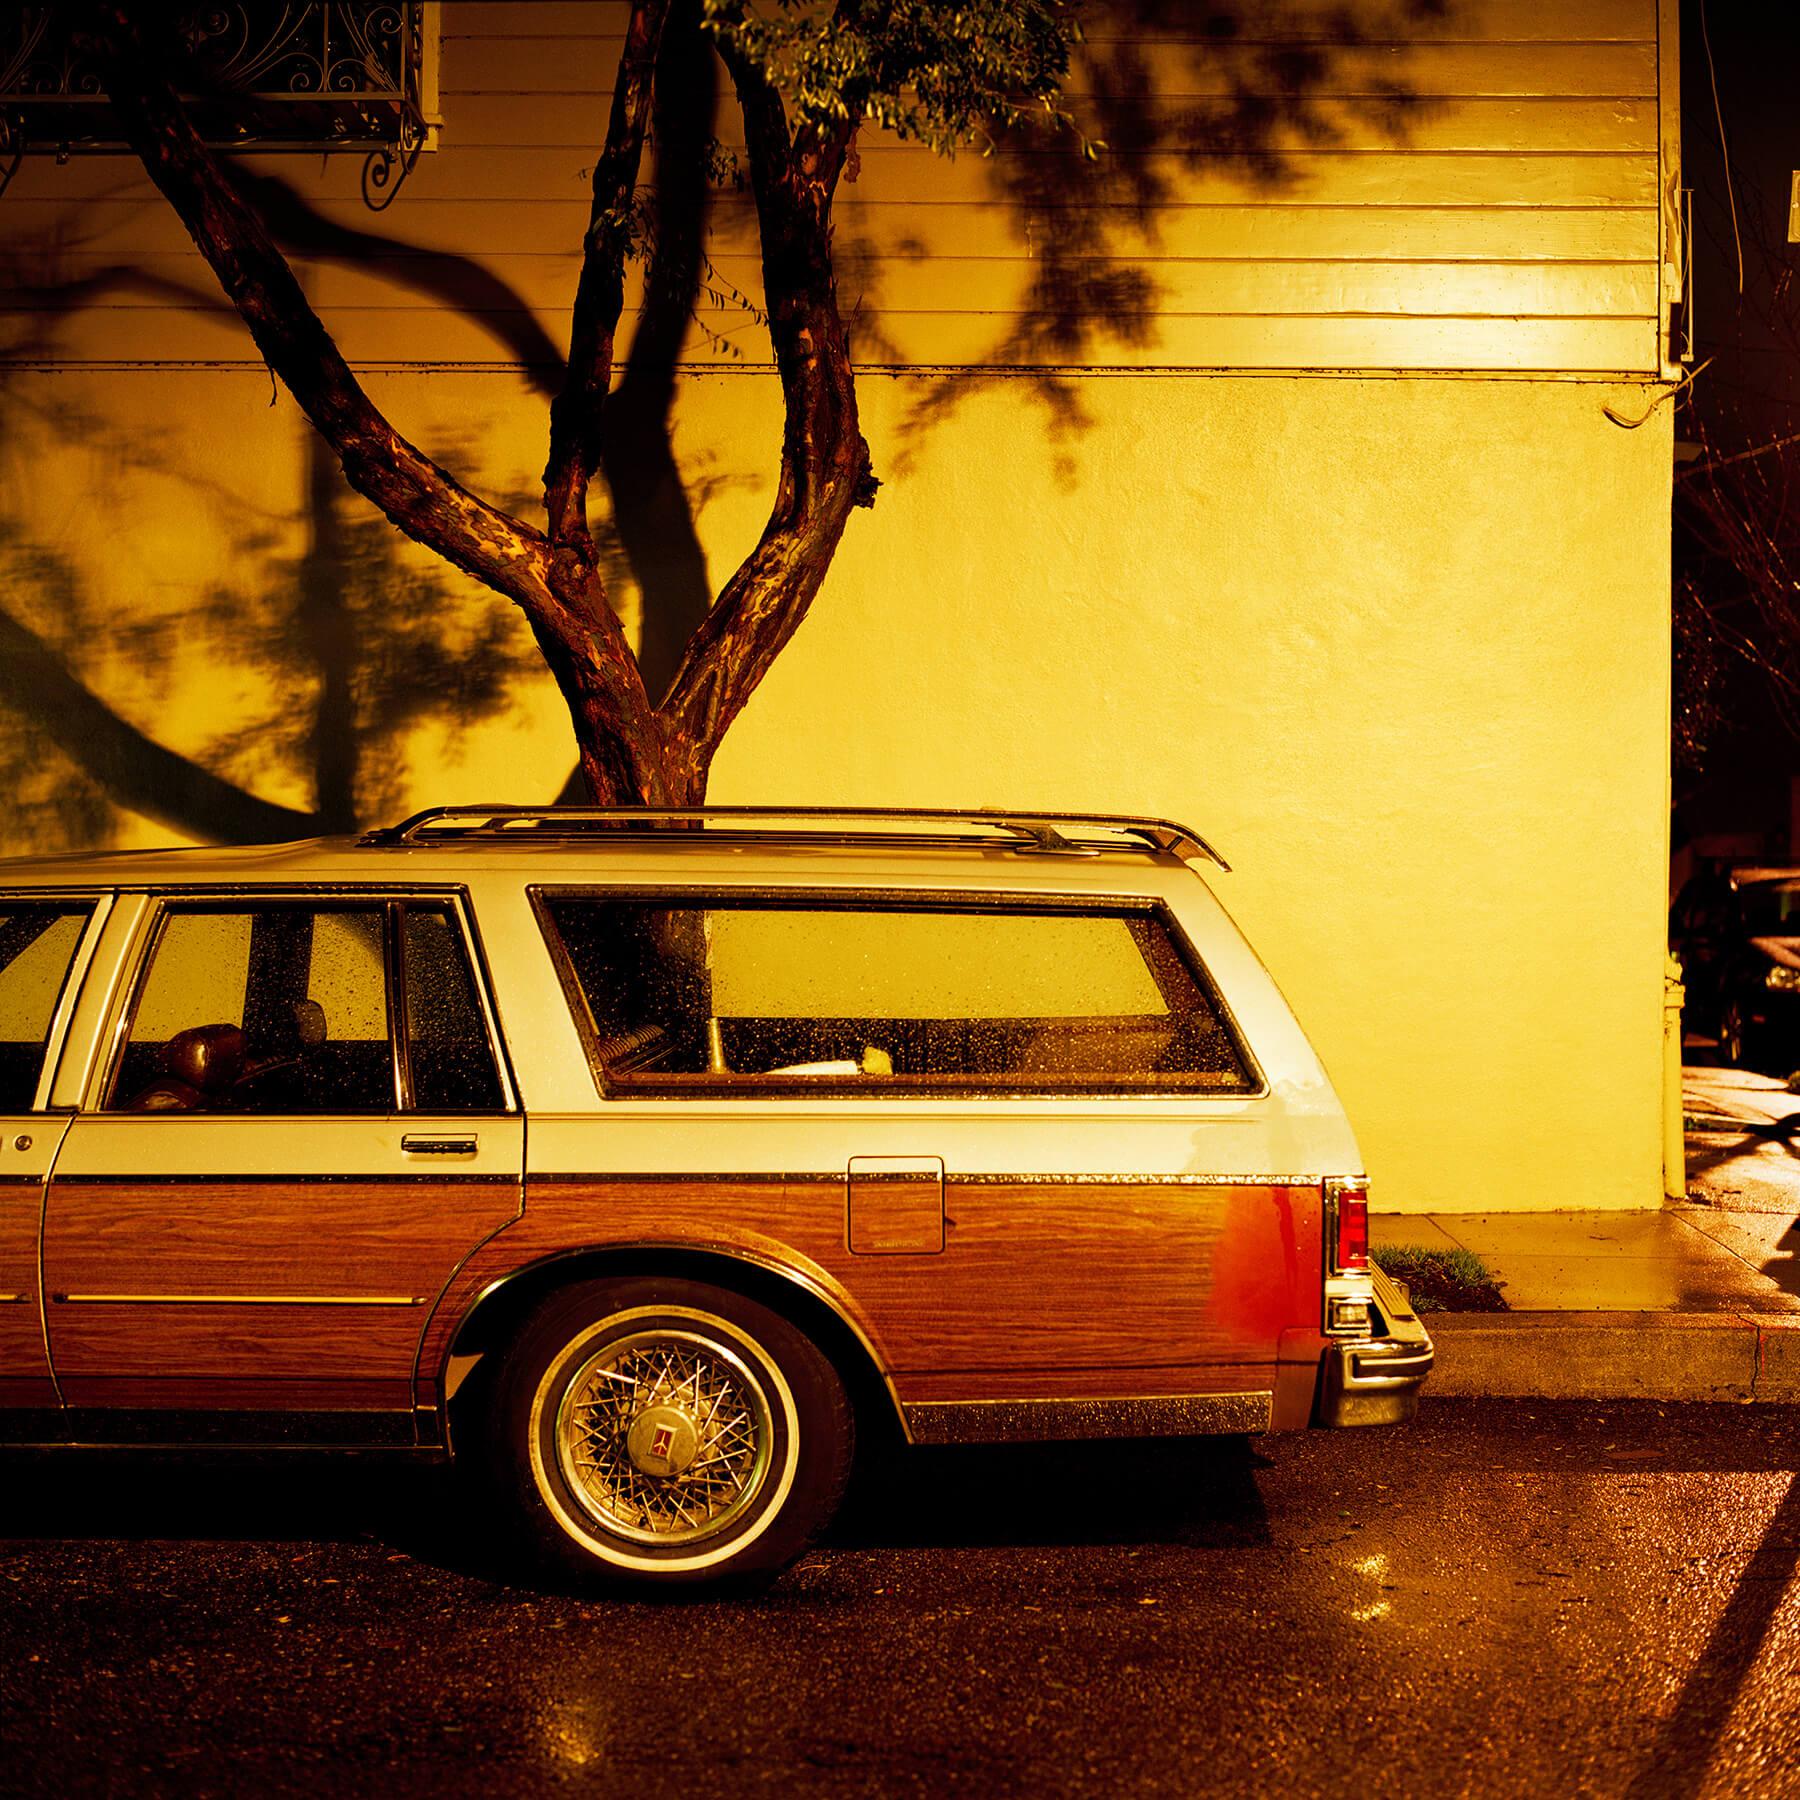 Station wagon at night, Bernal Heights, San Francisco